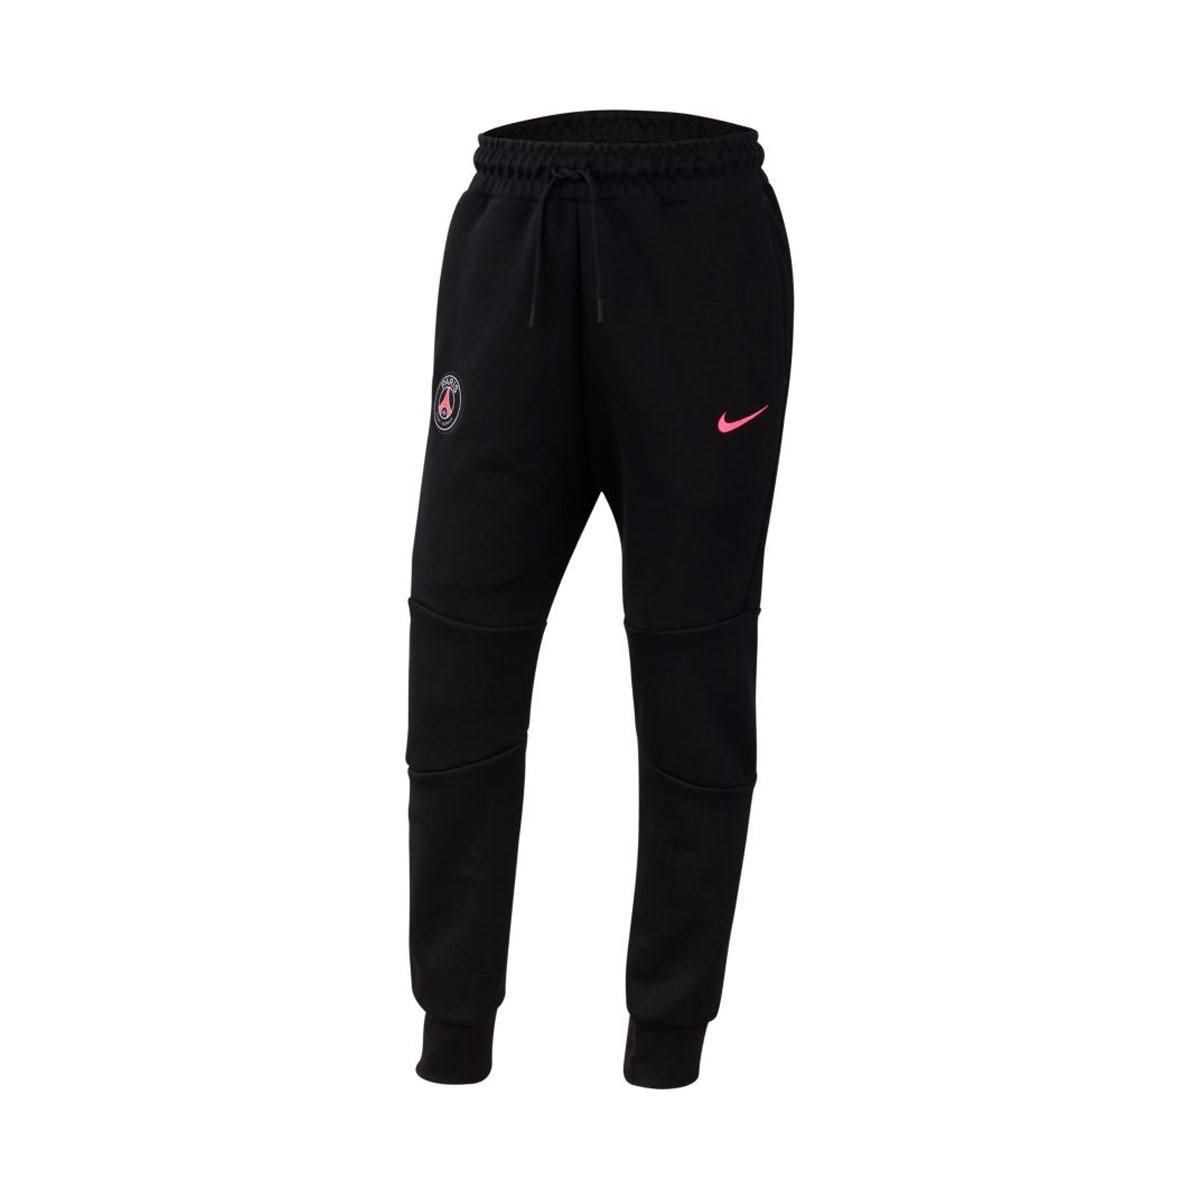 pantaloni nike 2018